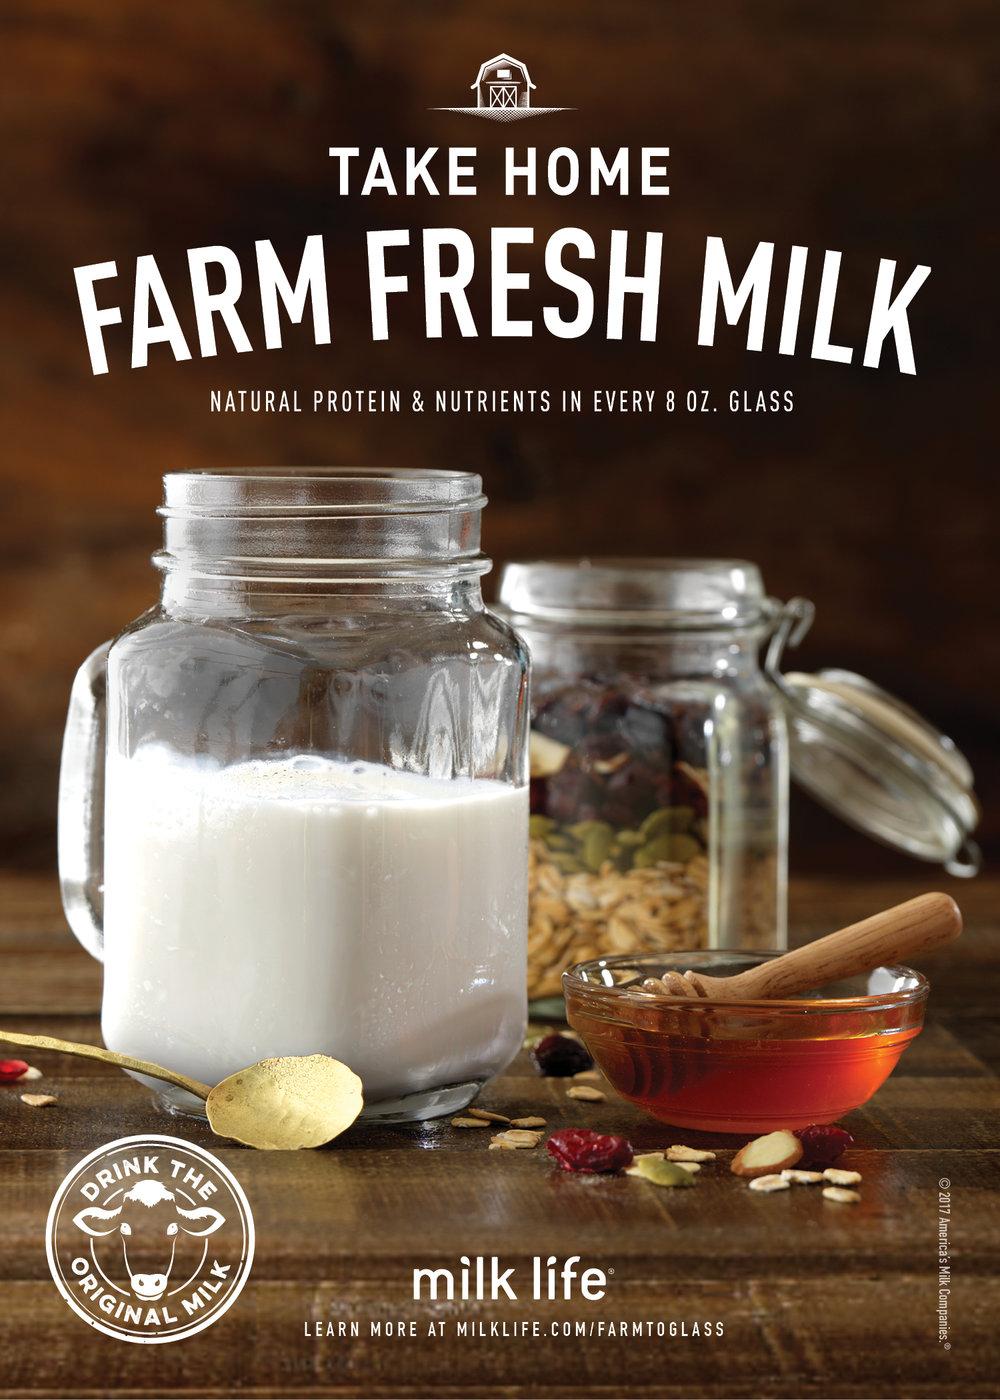 FarmFresh_Cling_5x7_b_brown_0306173.jpg